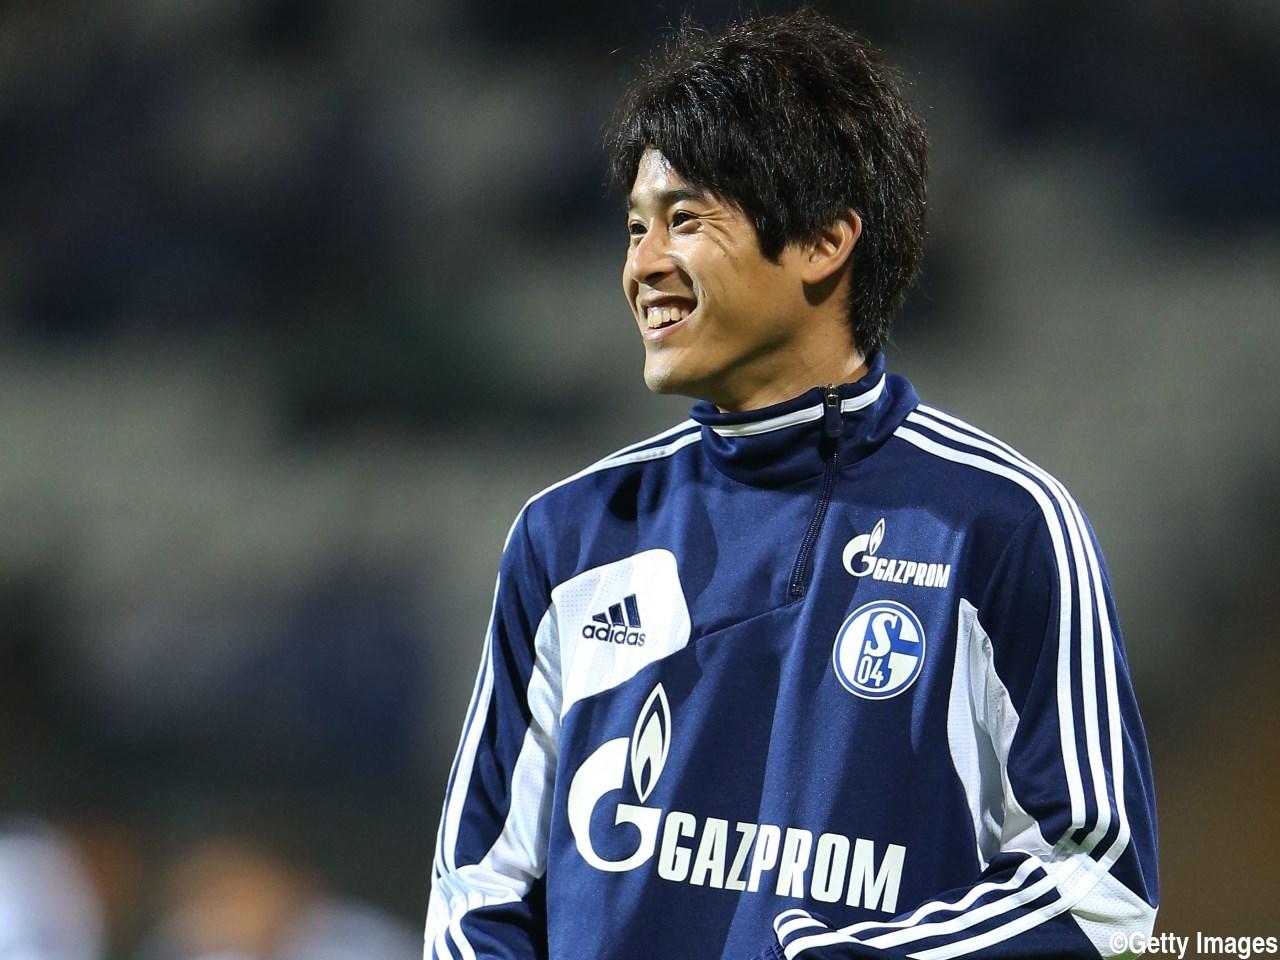 内田篤人結婚に見る なぜそうなった ファンの狂想曲 日本代表選手の